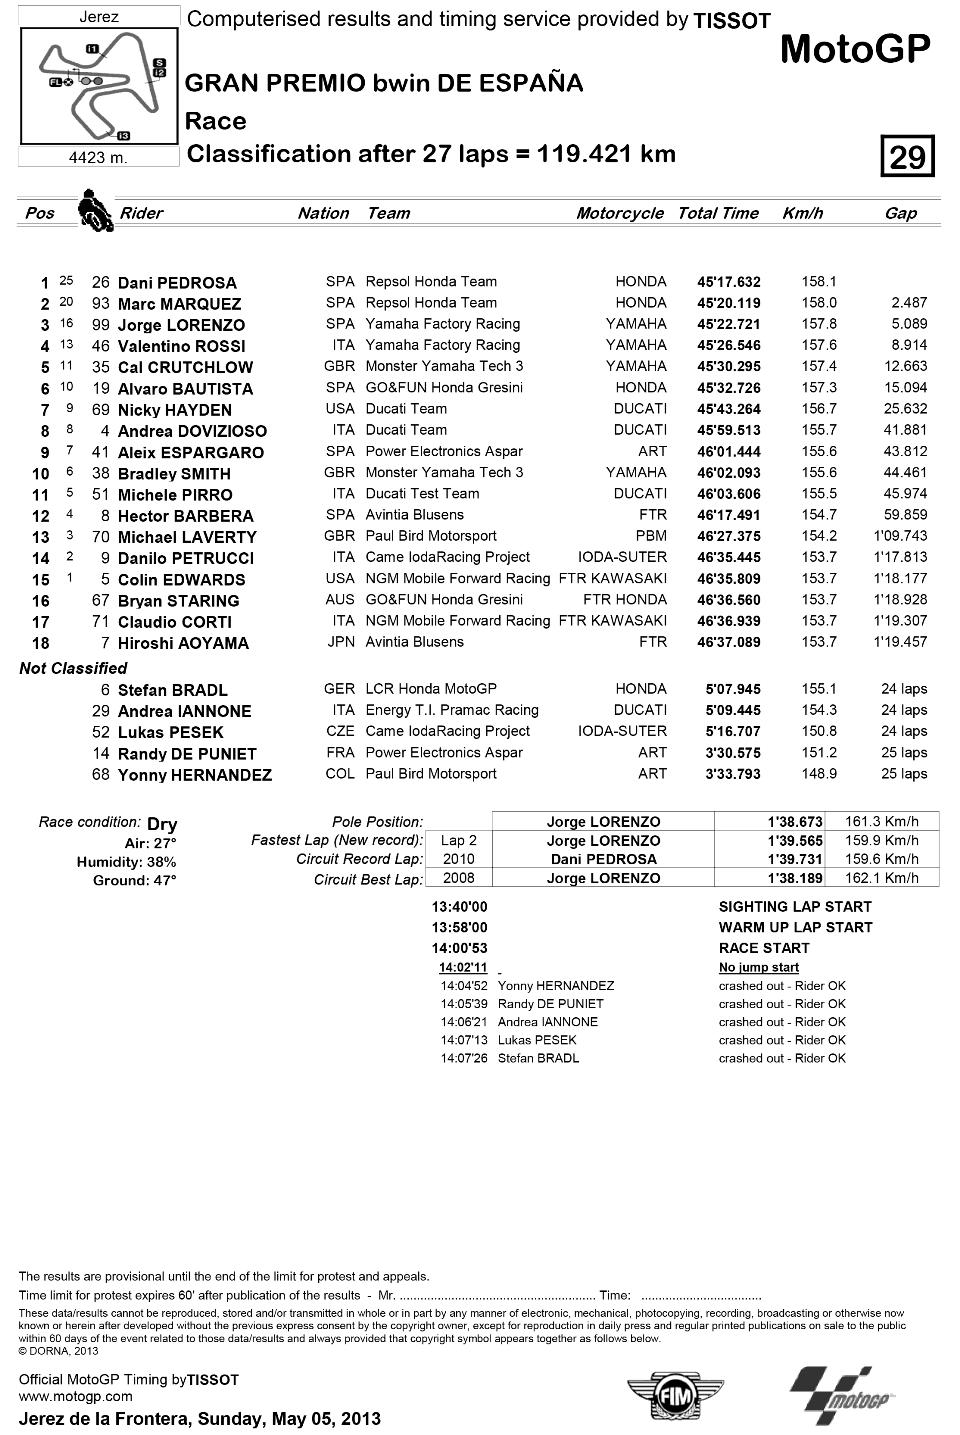 Представляем результаты гонки MotoGP Гран-При Испании 2013: